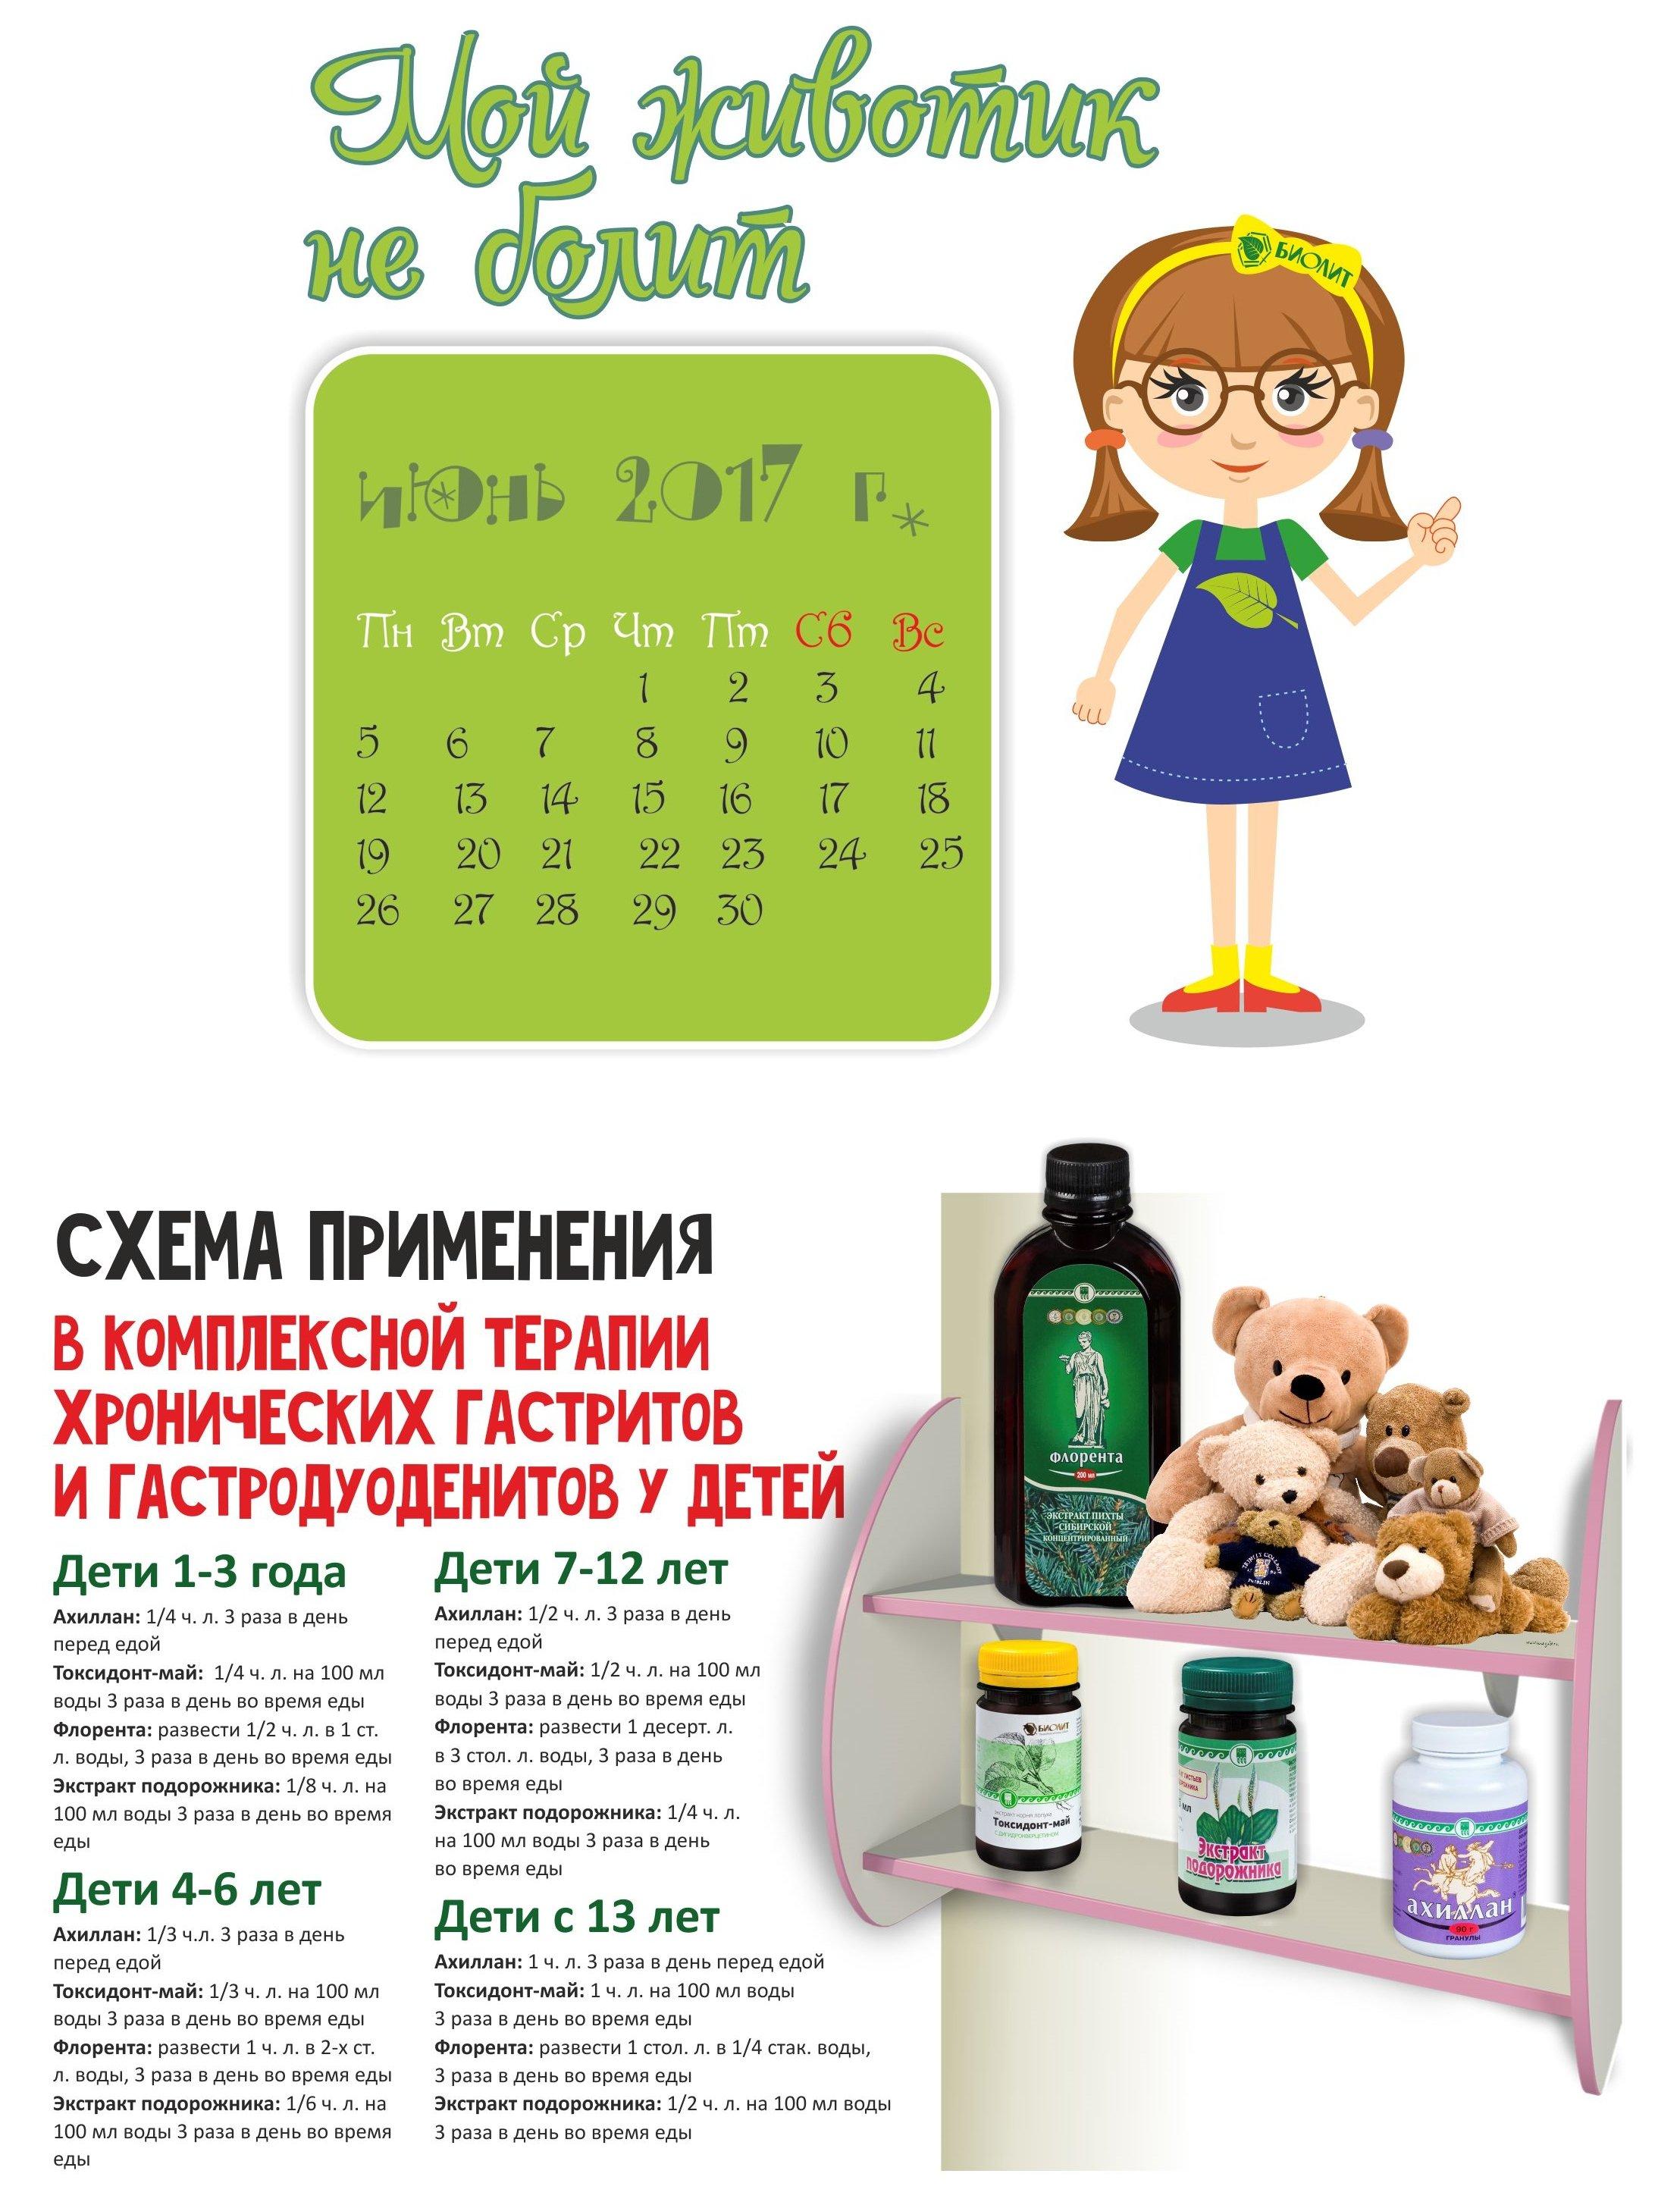 Схема применения продукции БИОЛИТ в комплексной терапии хронических гастритов и гастродуоденитов у детей